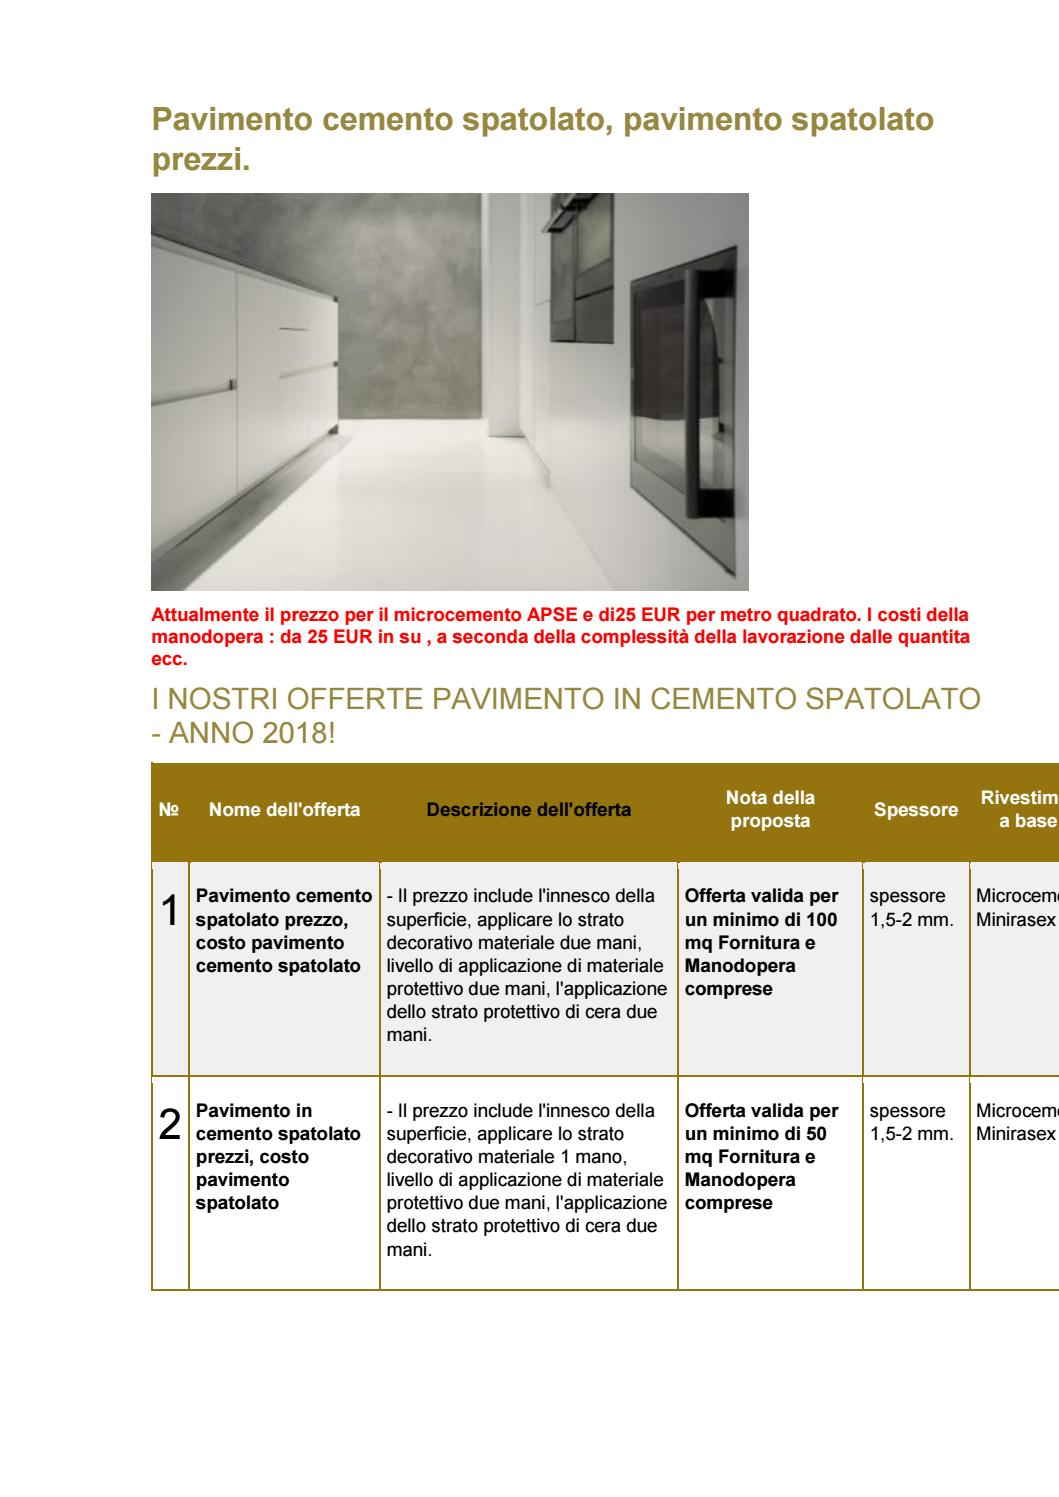 Pavimento In Cemento Prezzi pavimento cemento spatolato prezzi by minirasex - issuu